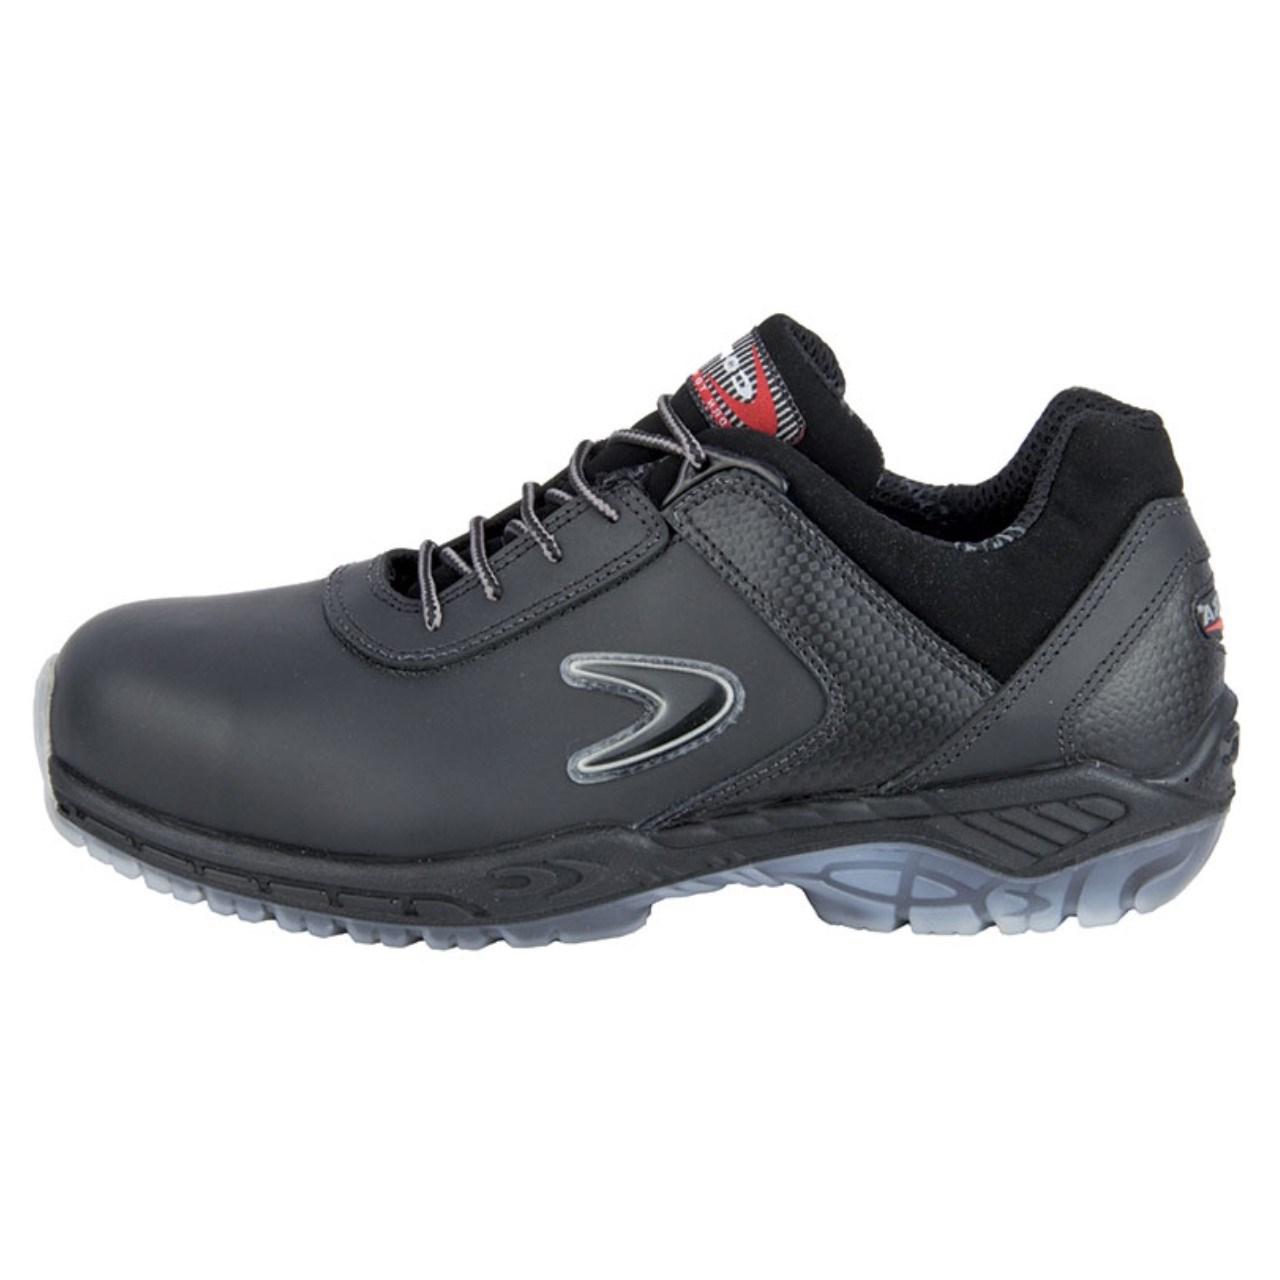 کفش ایمنی کفرا مدل POACH